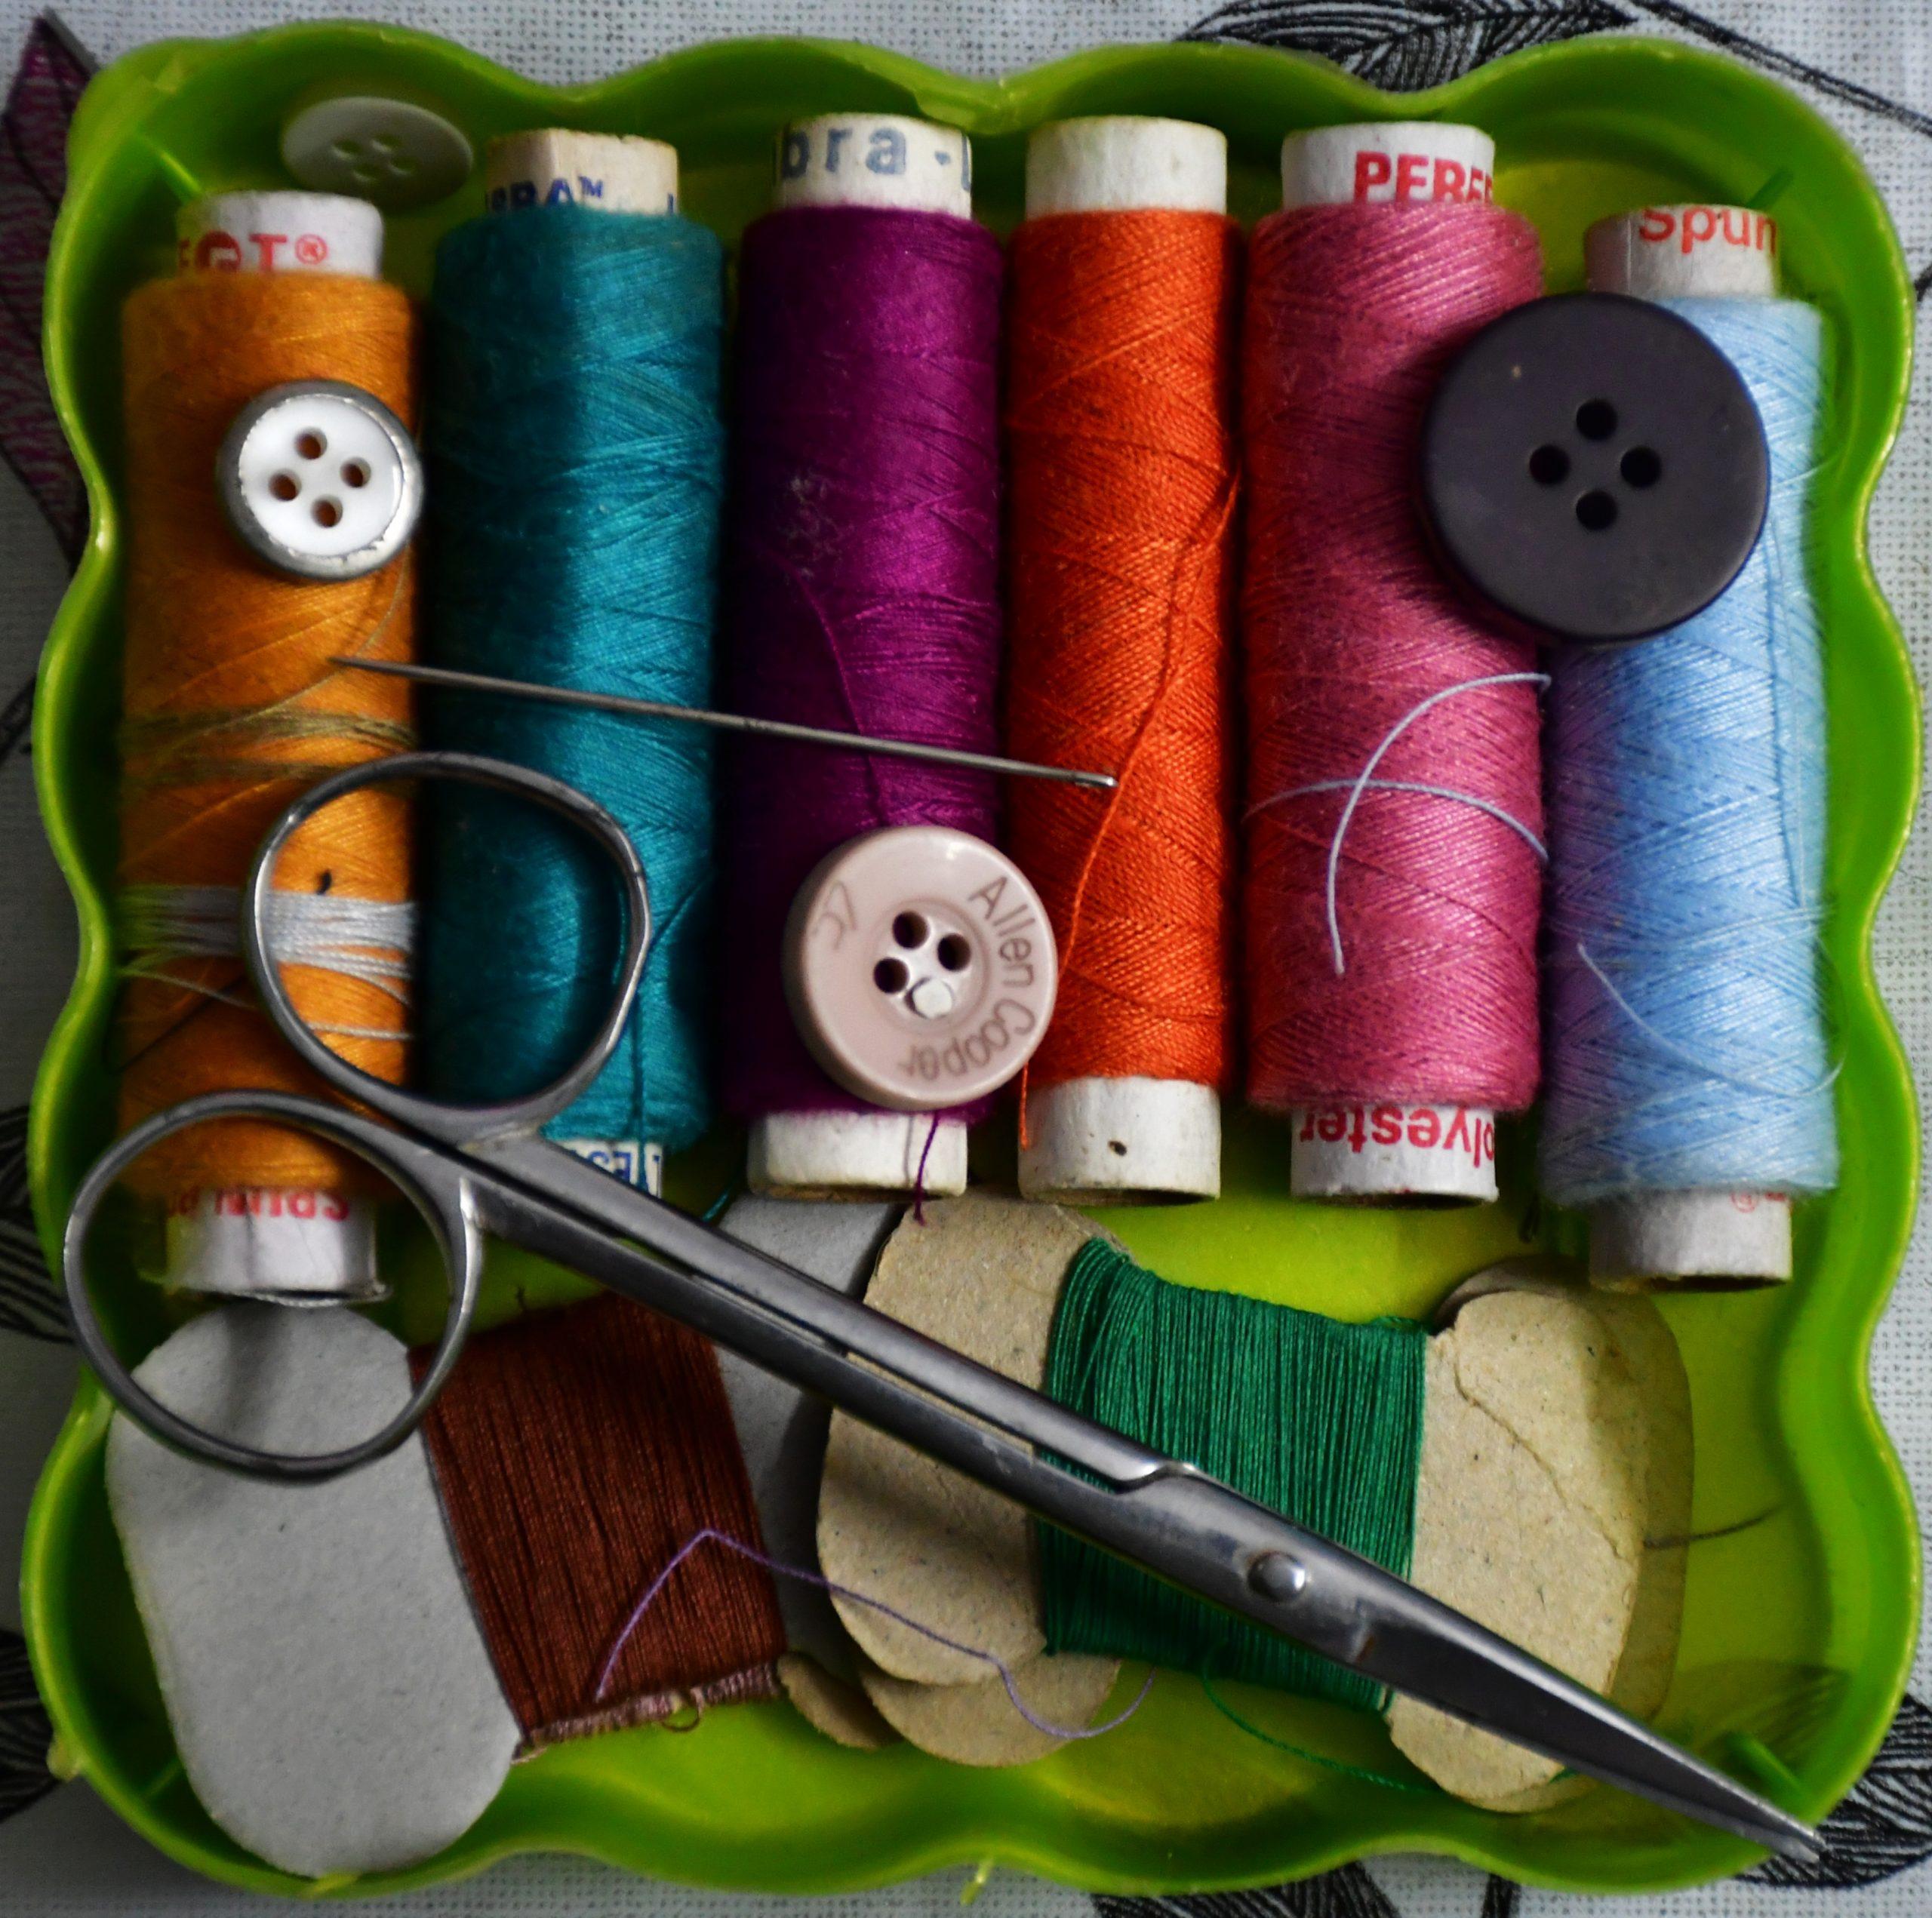 Stitching time